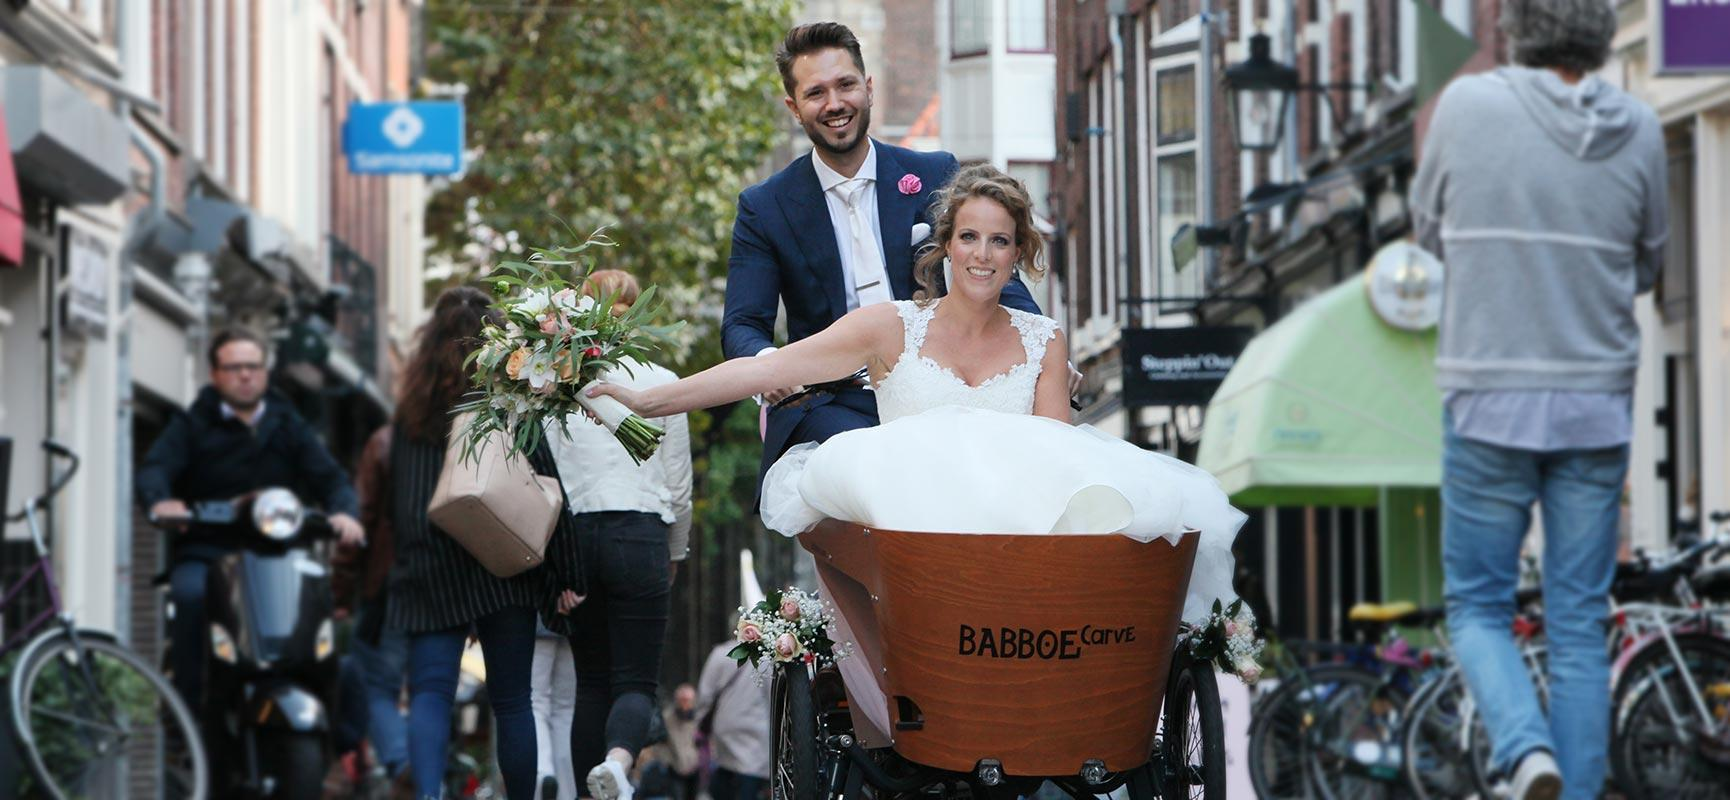 A cargo bike wedding? It's possible!